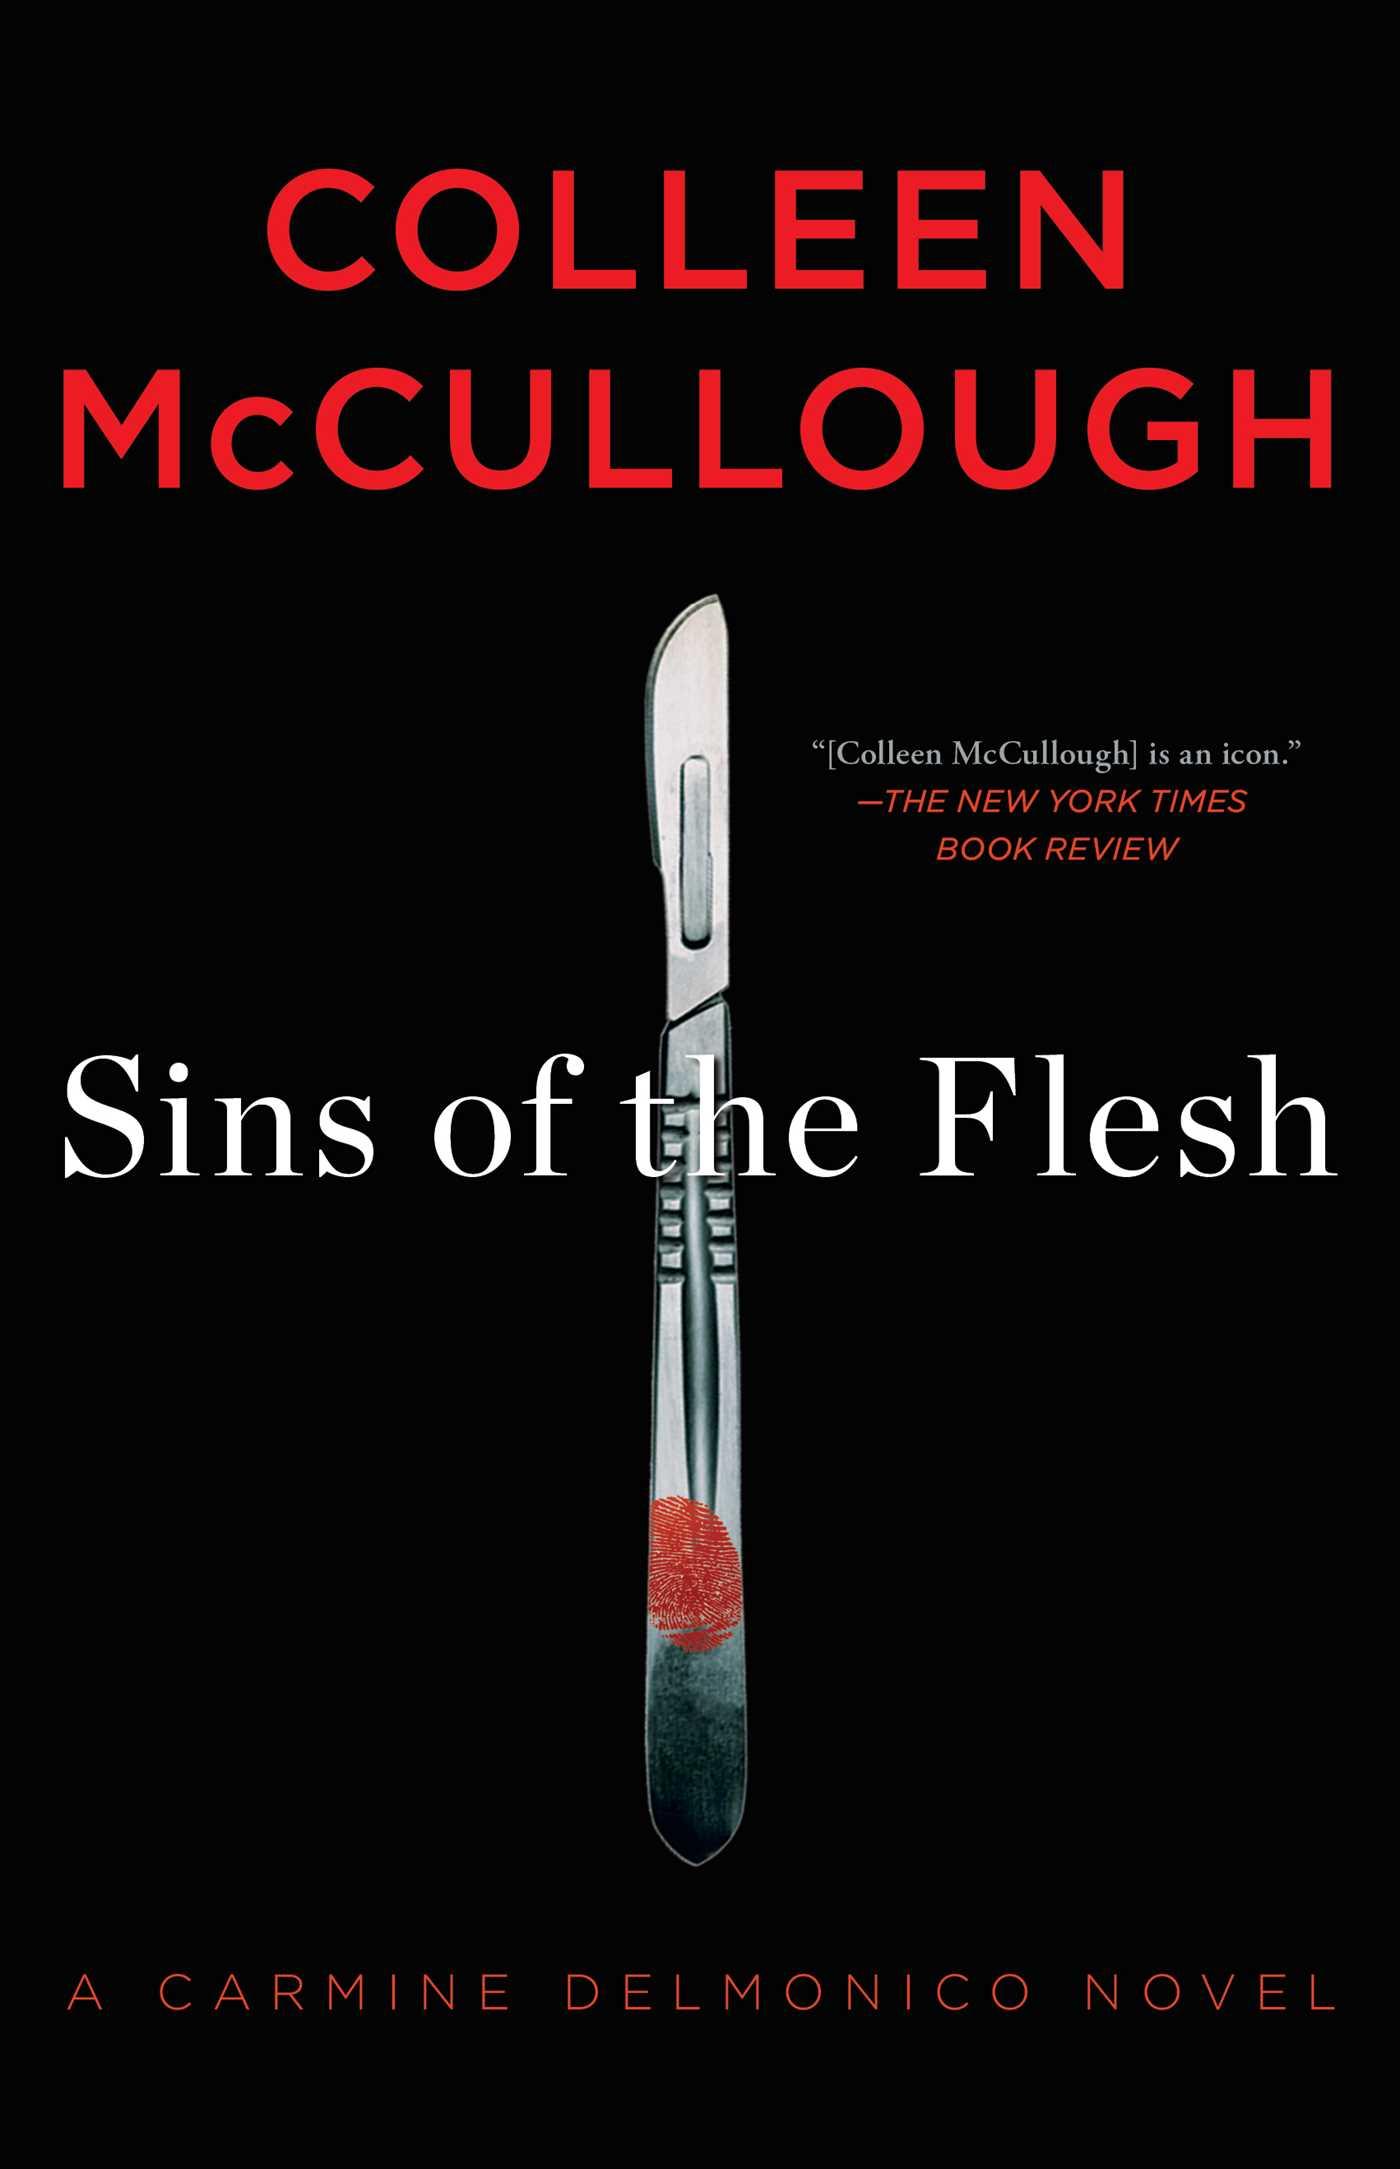 Sins of the flesh 9781476735368 hr